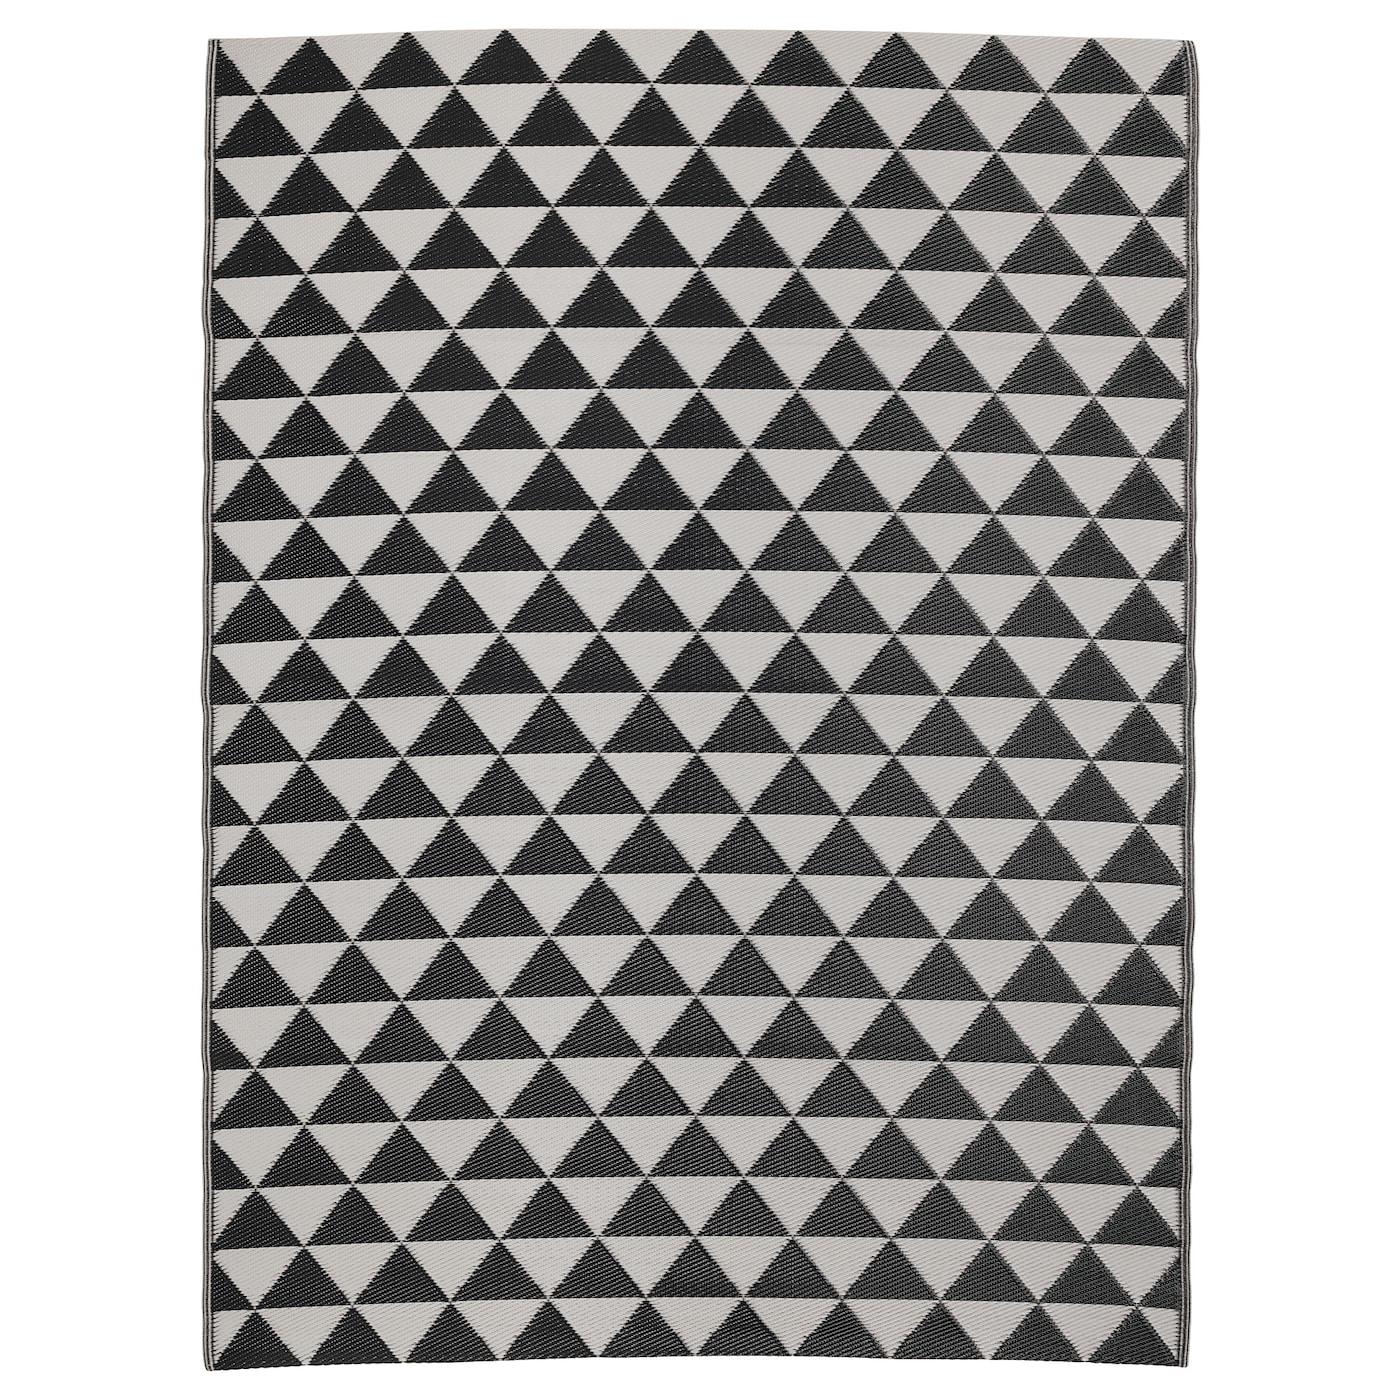 Ikea Waterproof Rug: SOMMAR 2018 Rug Flatwoven, In/outdoor Black/grey 180x240